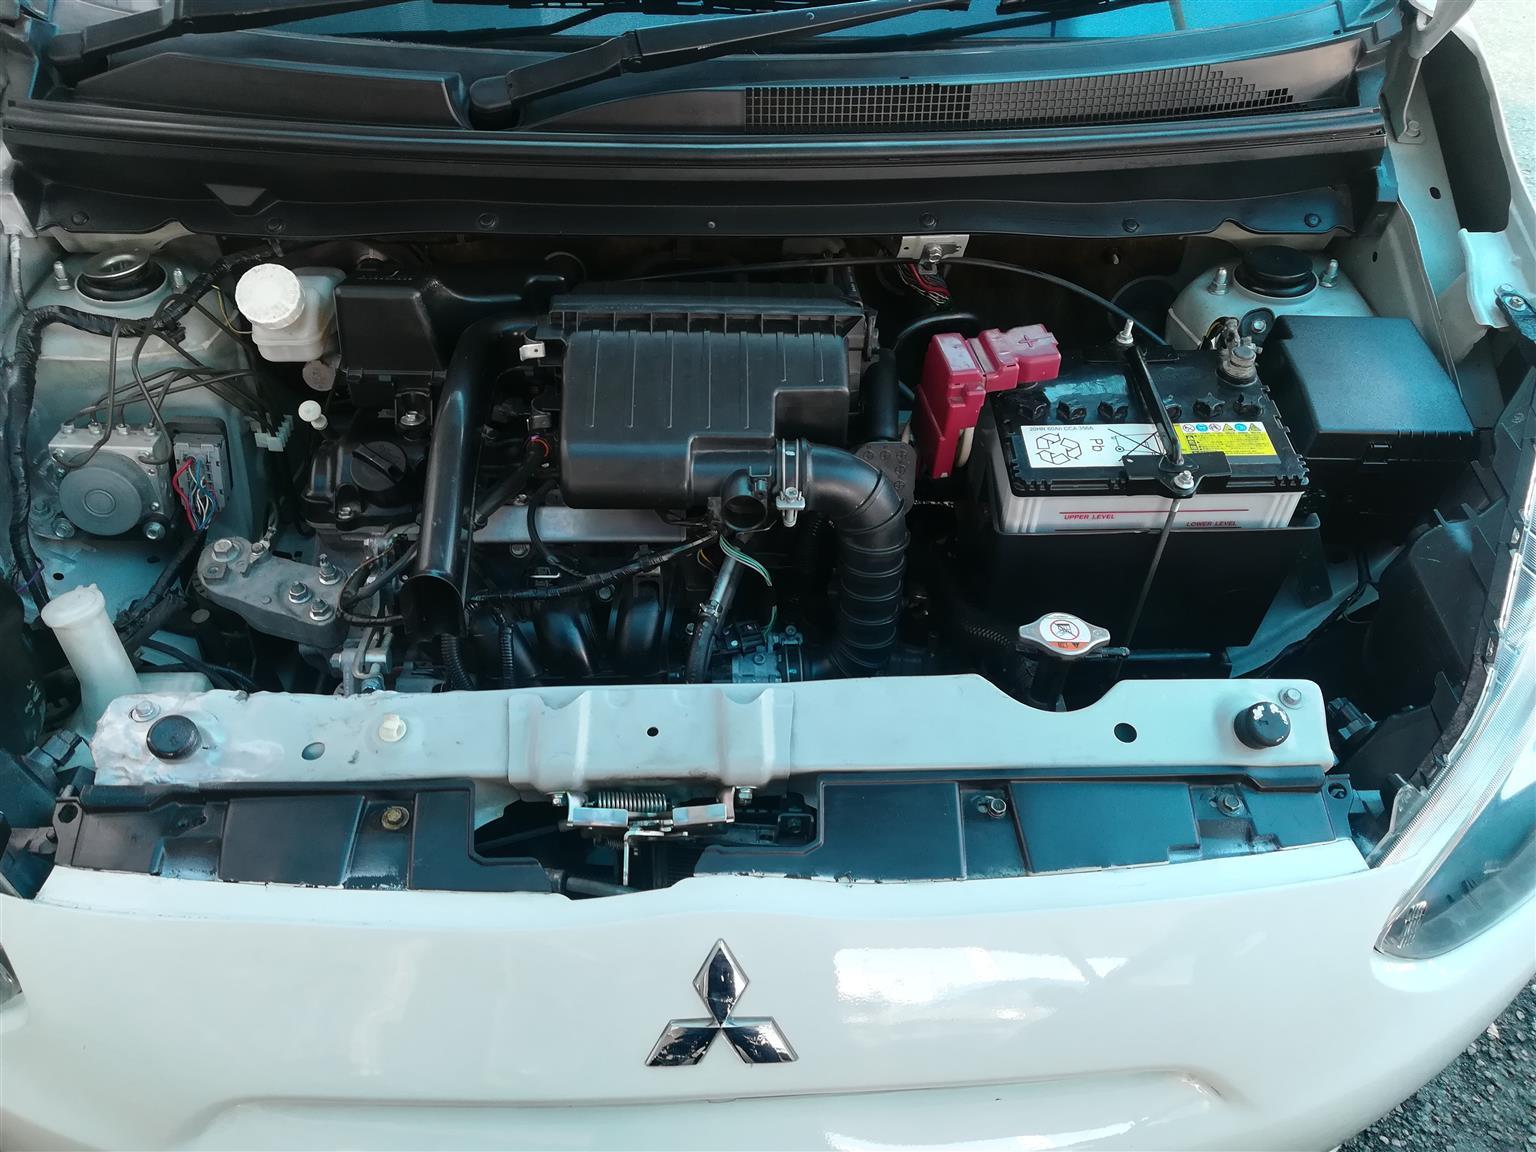 2016 Mitsubishi Mirage 1.2 GLS